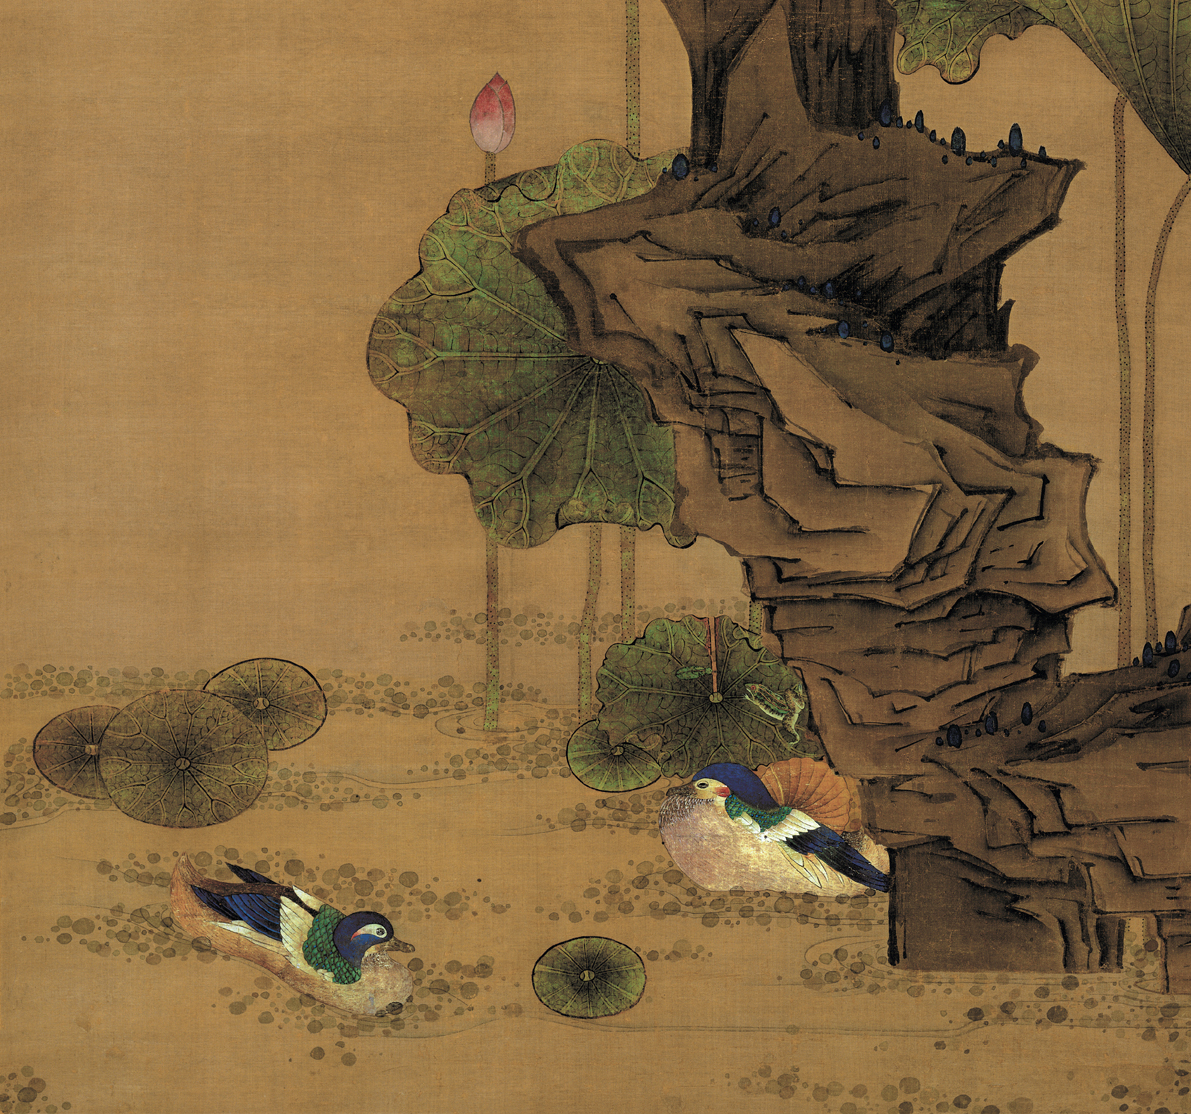 明陈洪绶荷花鸳鸯图真迹复制艺术微喷古画卷轴画花鸟装饰画芯临摹